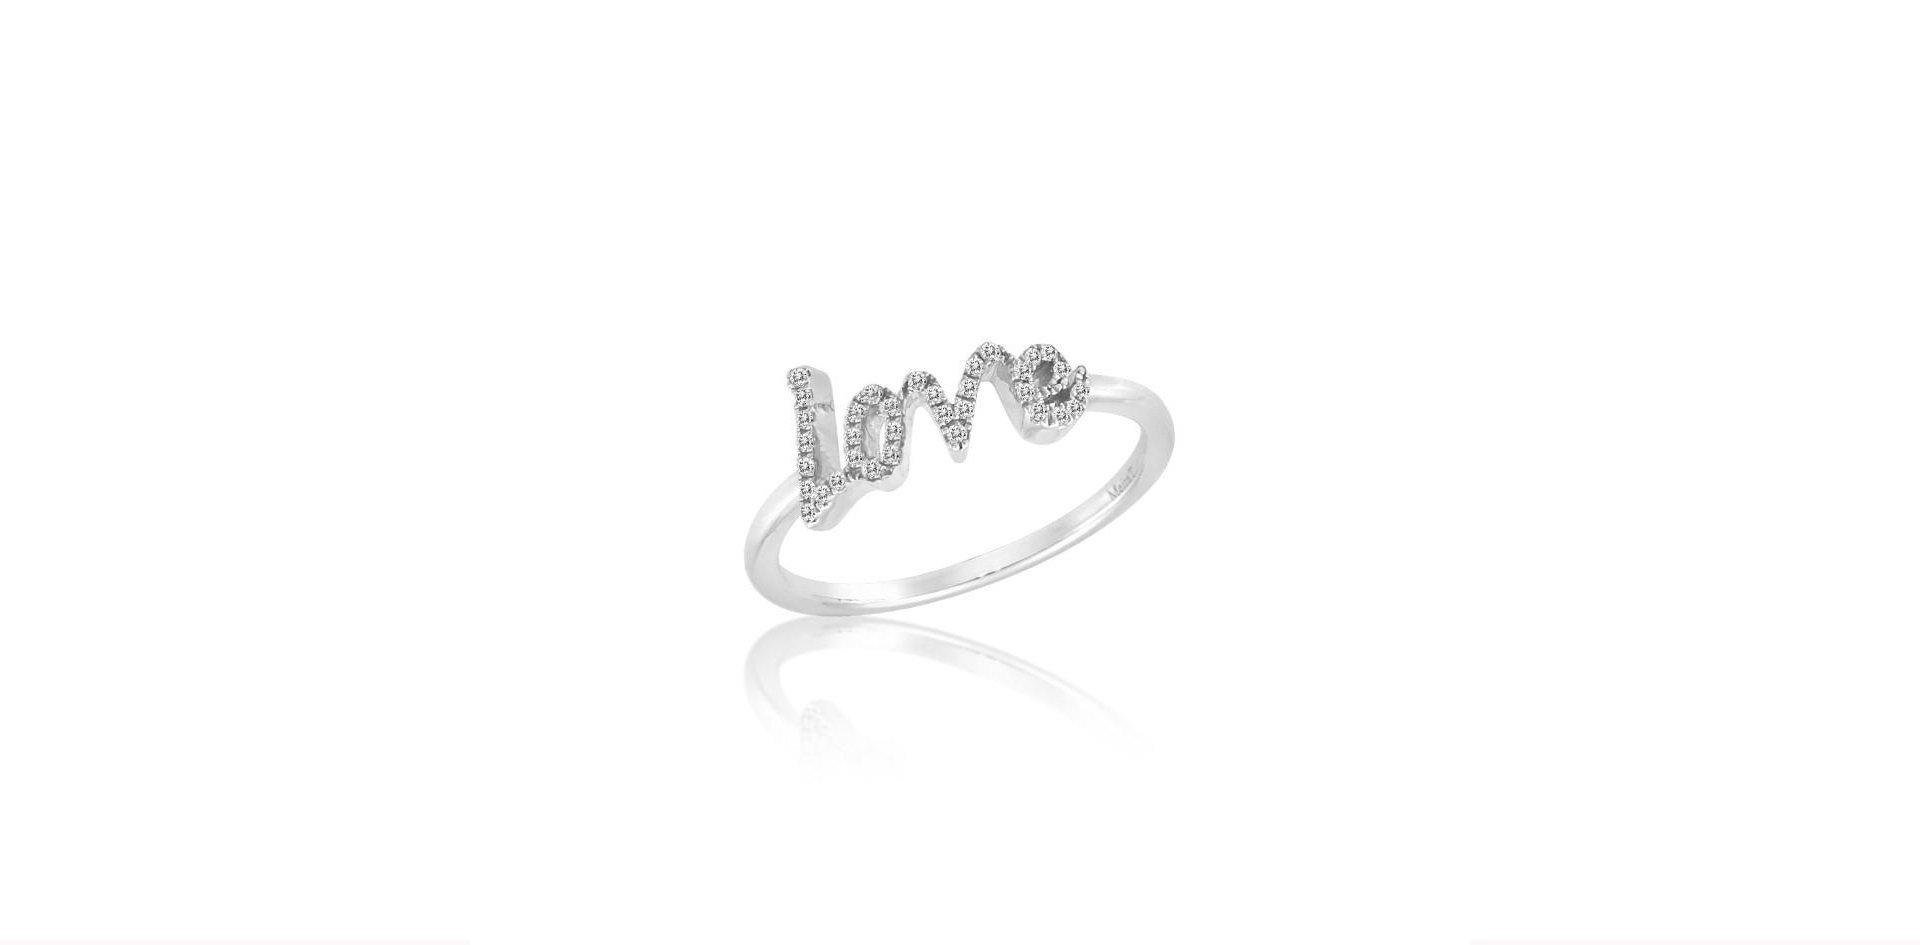 regali, san Valentino, gioielli, anello diamanti, love, Meira t